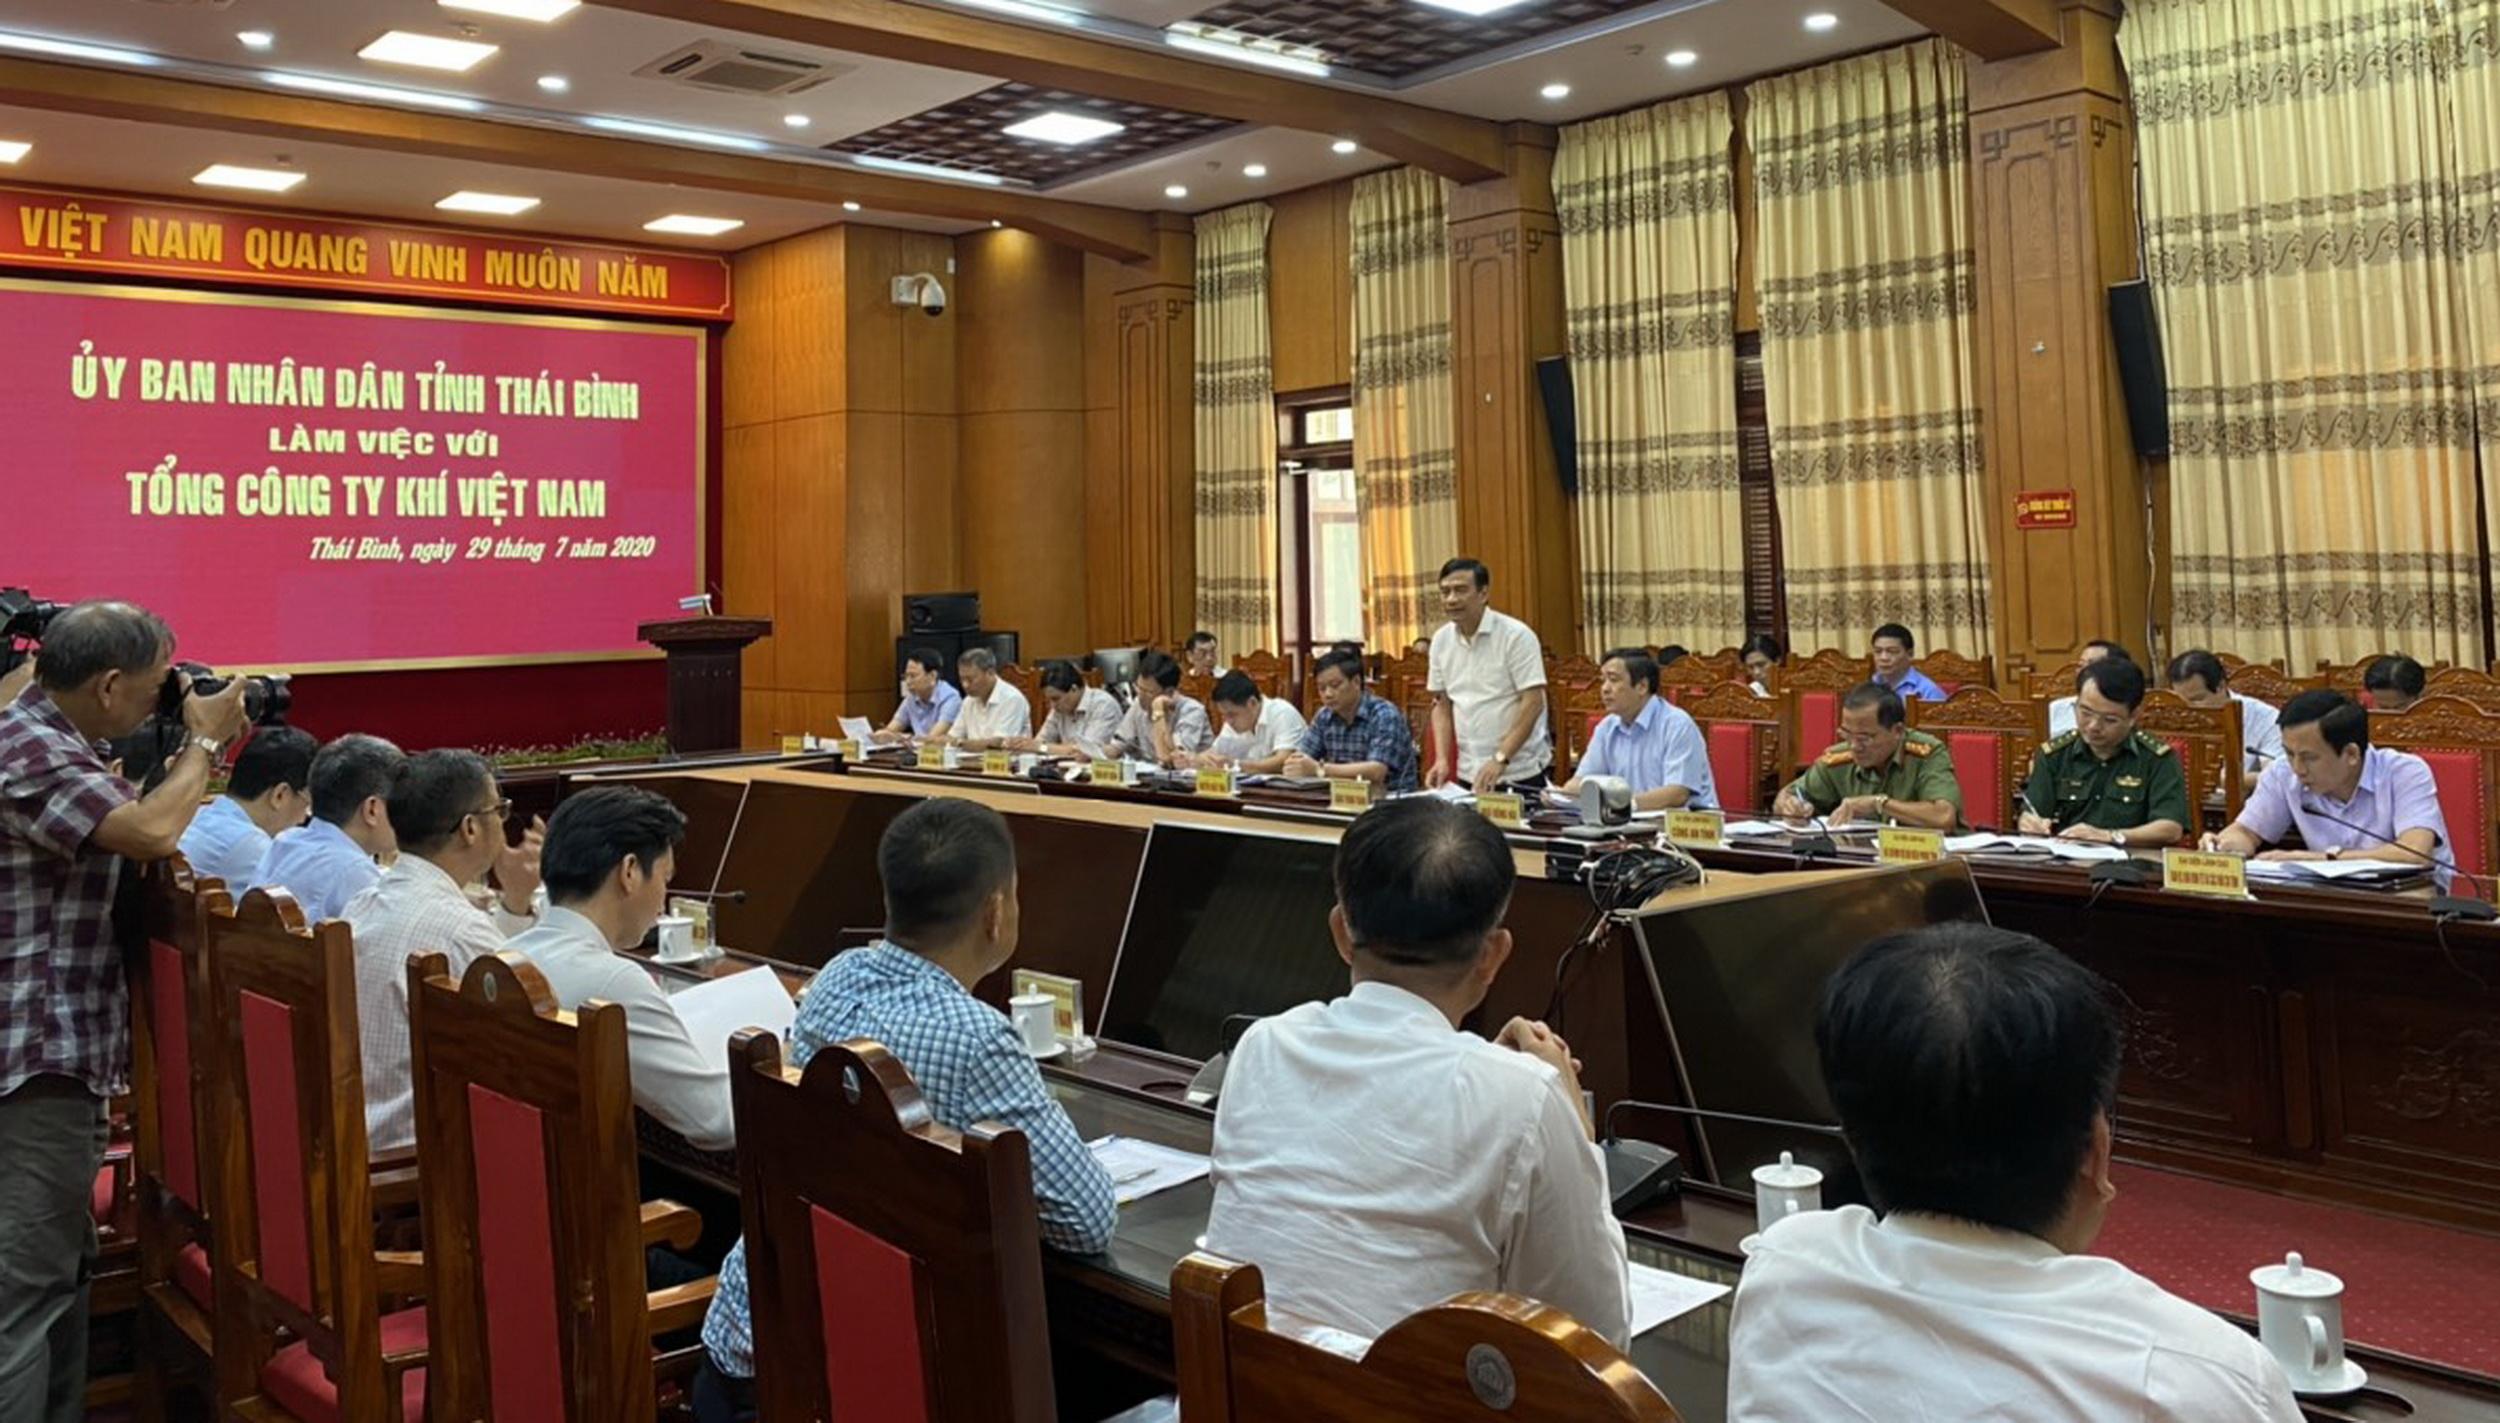 Phát biểu của Chủ tịch UBND tỉnh Thái Bình